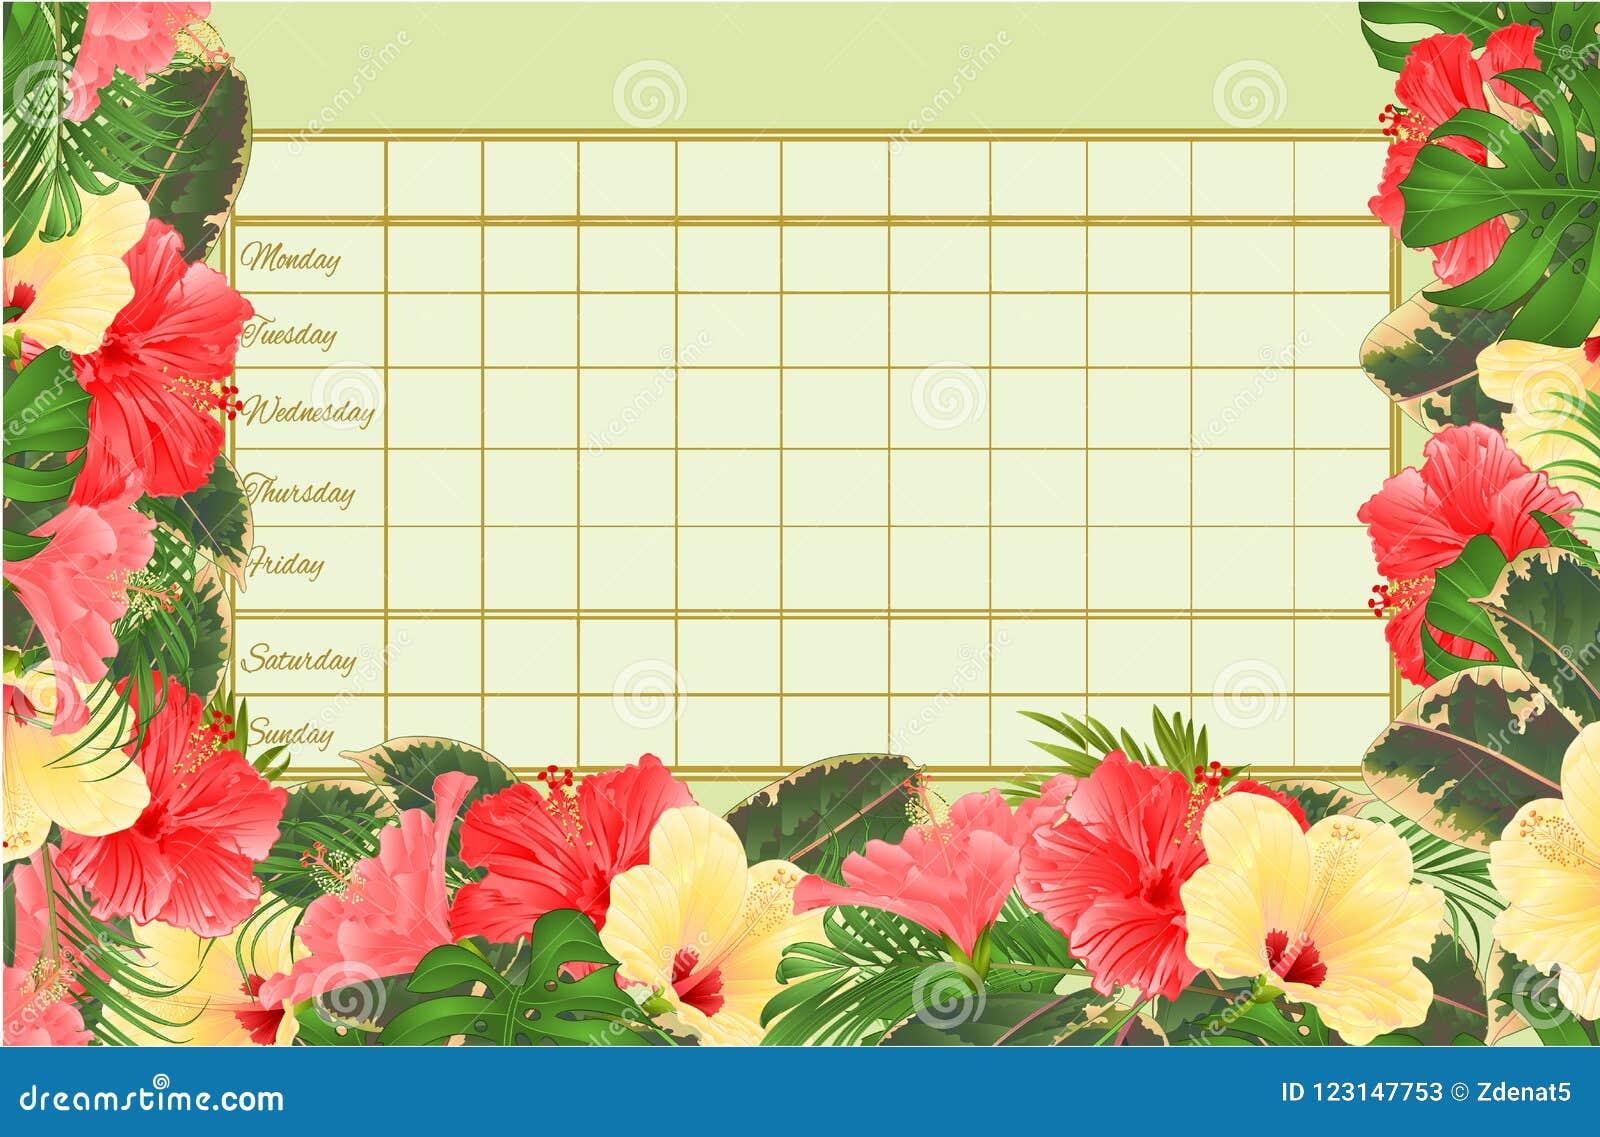 Rozkładu zajęć tygodniowy rozkład z poślubnika różnorodnego, palmowego, filodendronu i ficus rocznika wektorowy Ilustracyjny edit